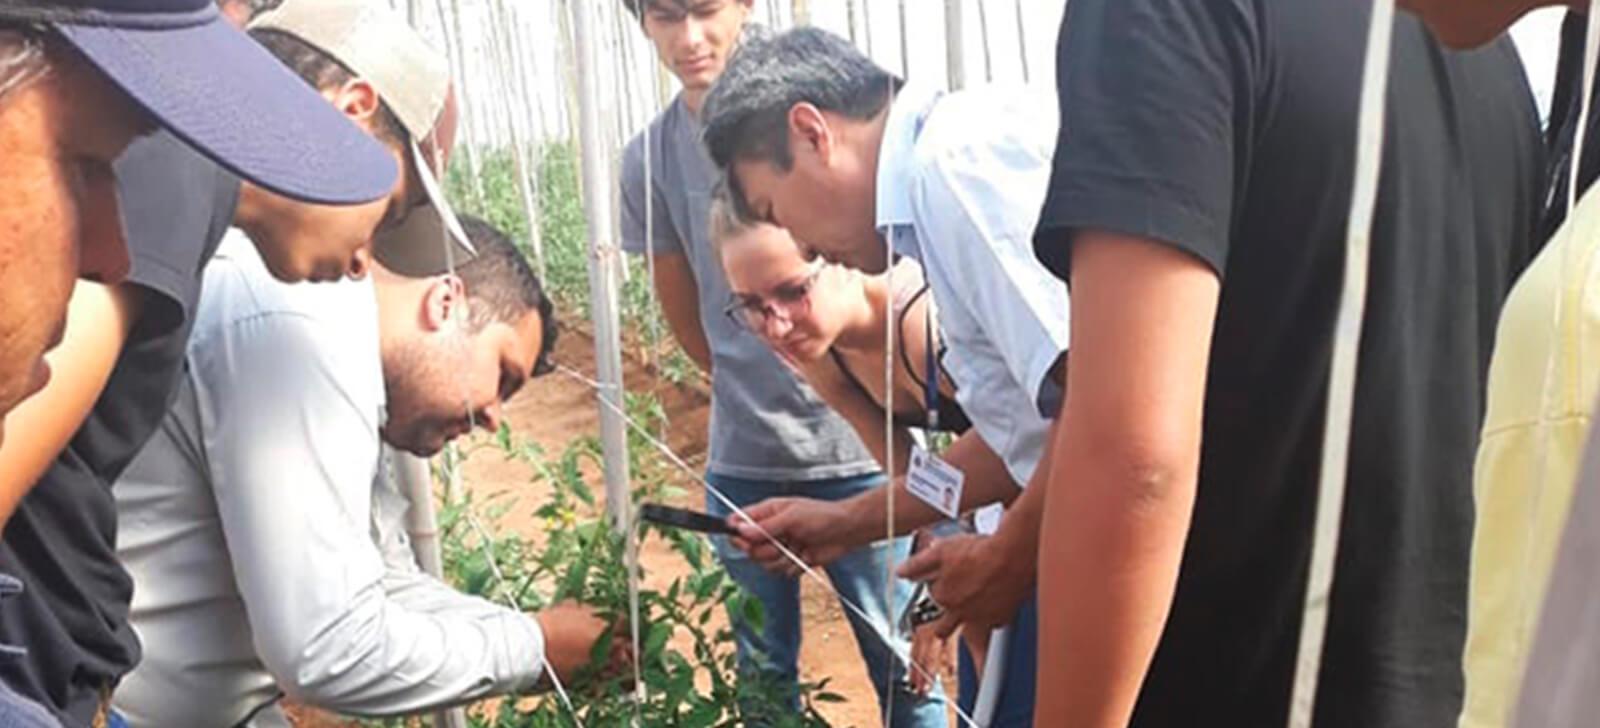 promip manejo integrado depragas controle biologico promip realiza treinamentos manejo integrado de pragas a produtores da regiao marilia